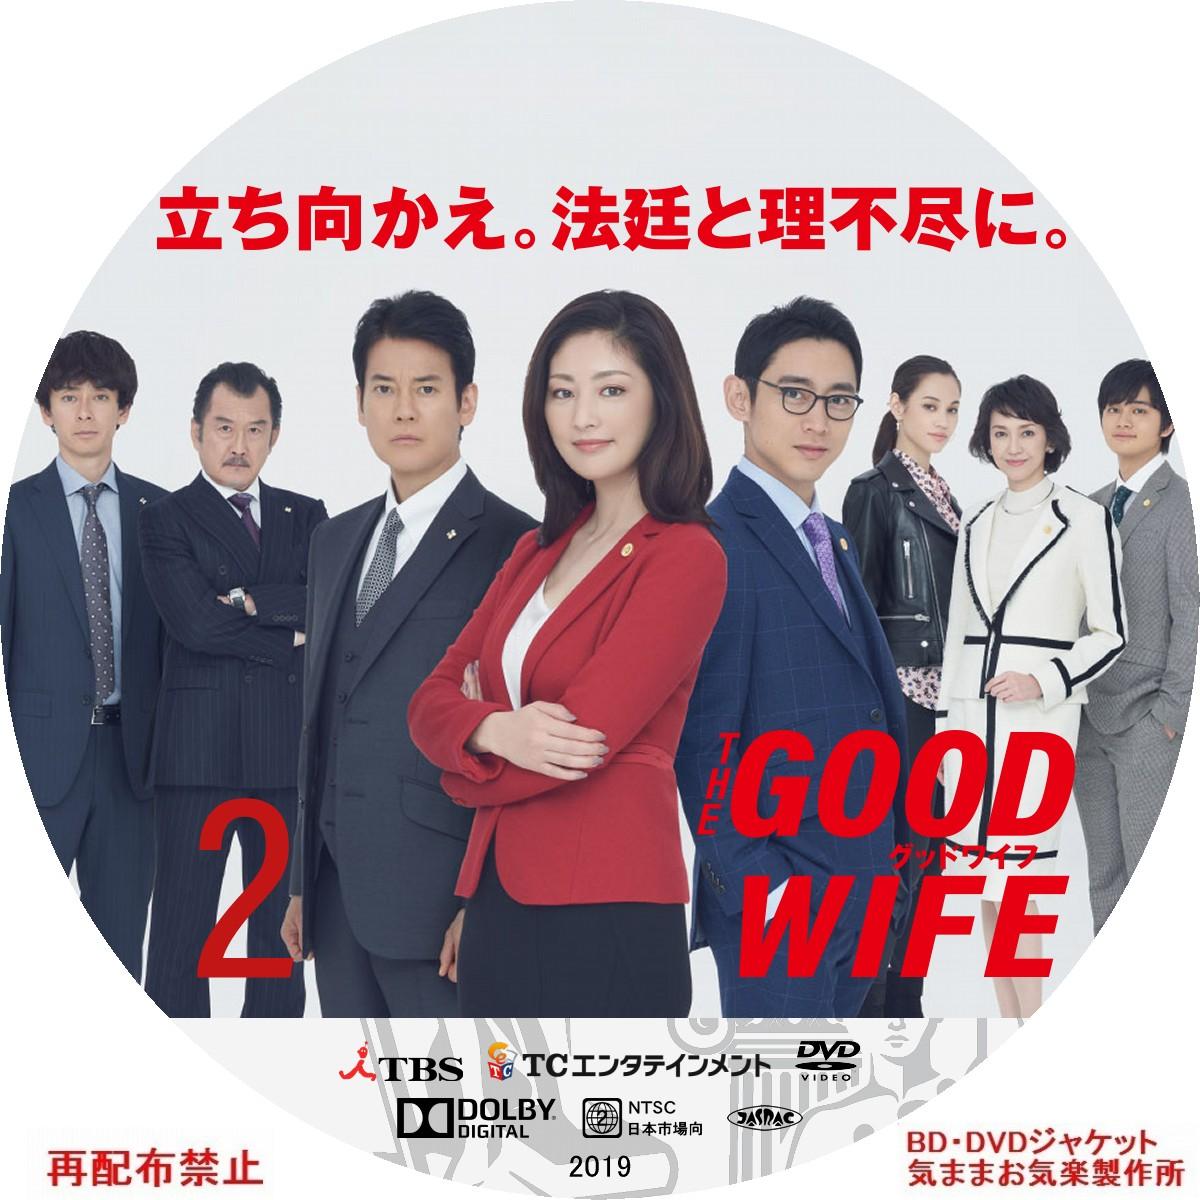 THE_GOOD_WIFE_DVD02_r.jpg